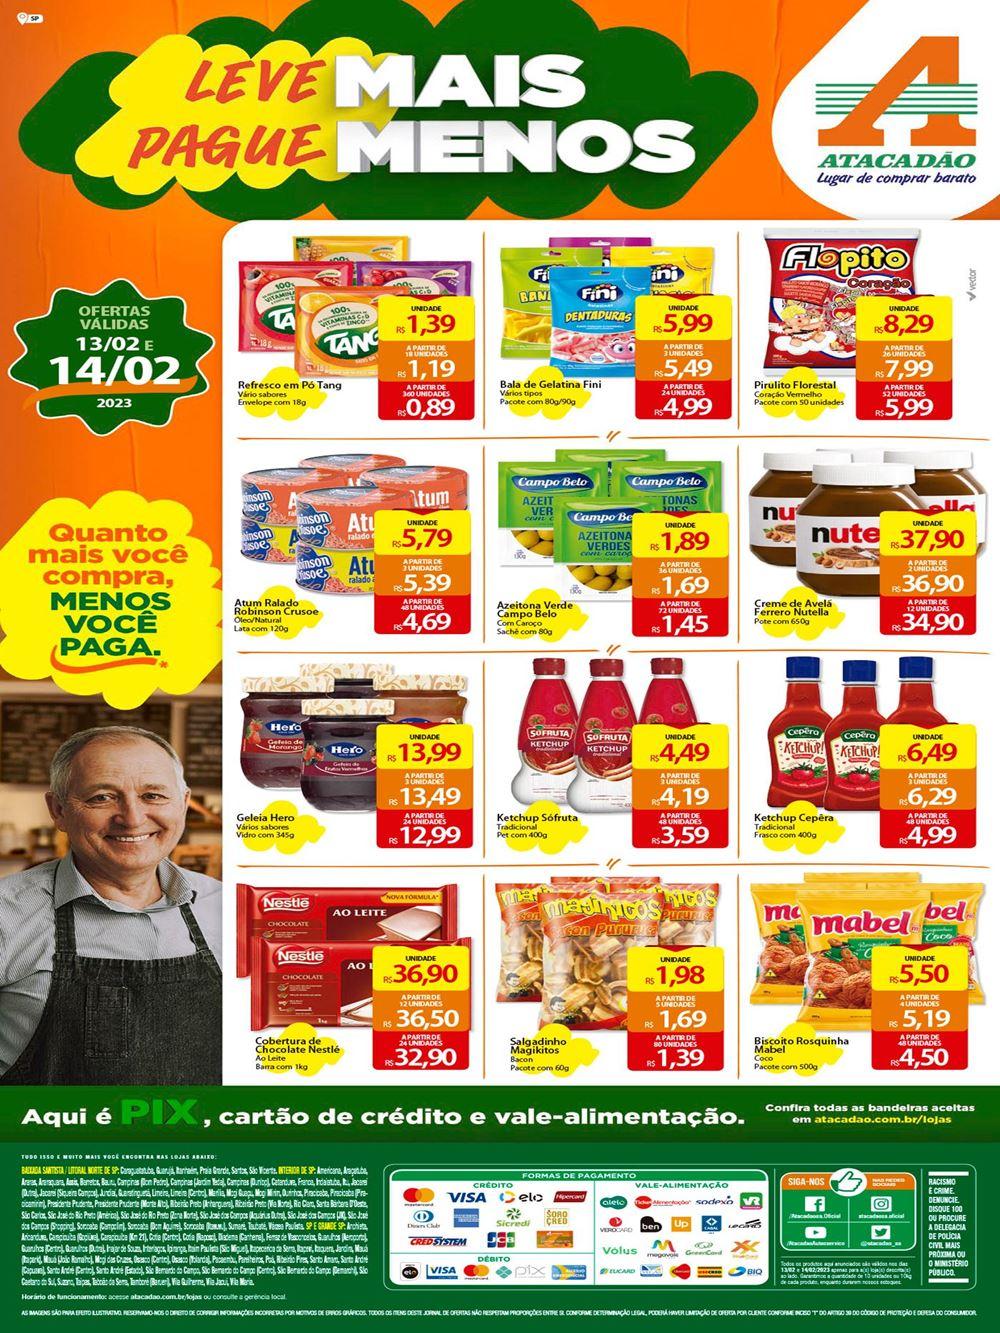 atacadao-ofertas-descontos-hoje1-23 Ofertas de supermercados